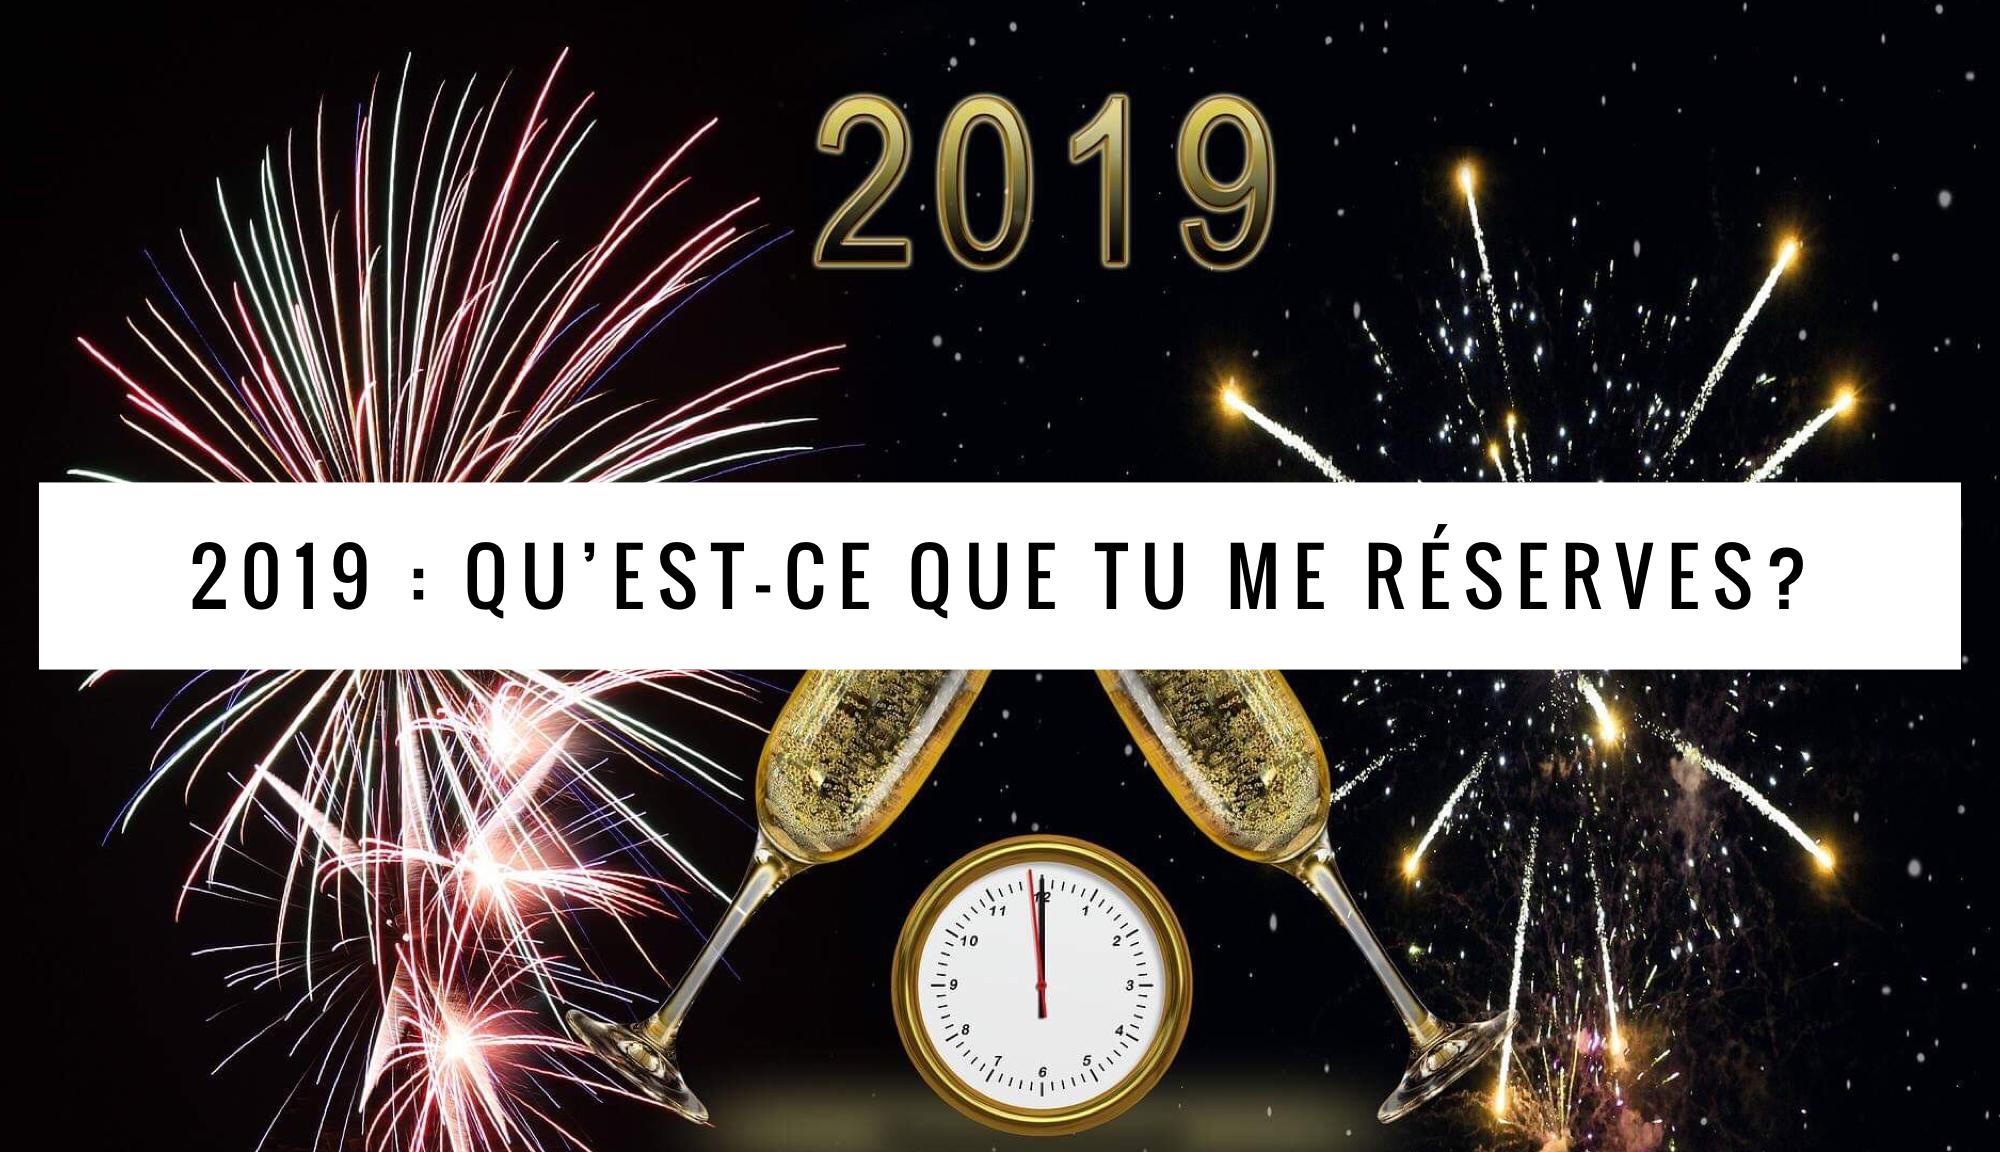 2019 Qu'est-ce que tu me réserves